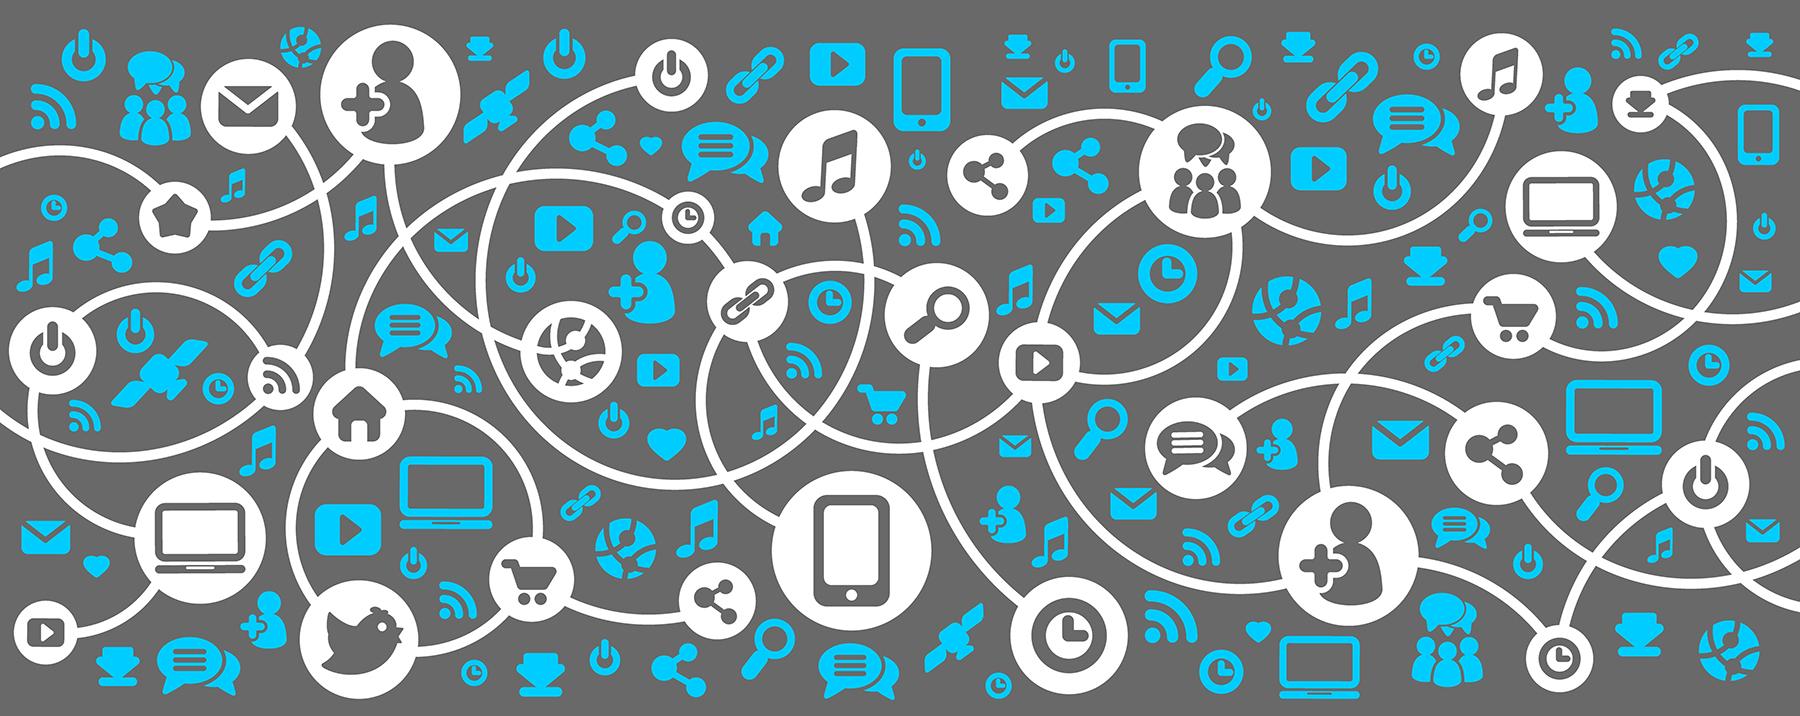 Social media network diagram illustration